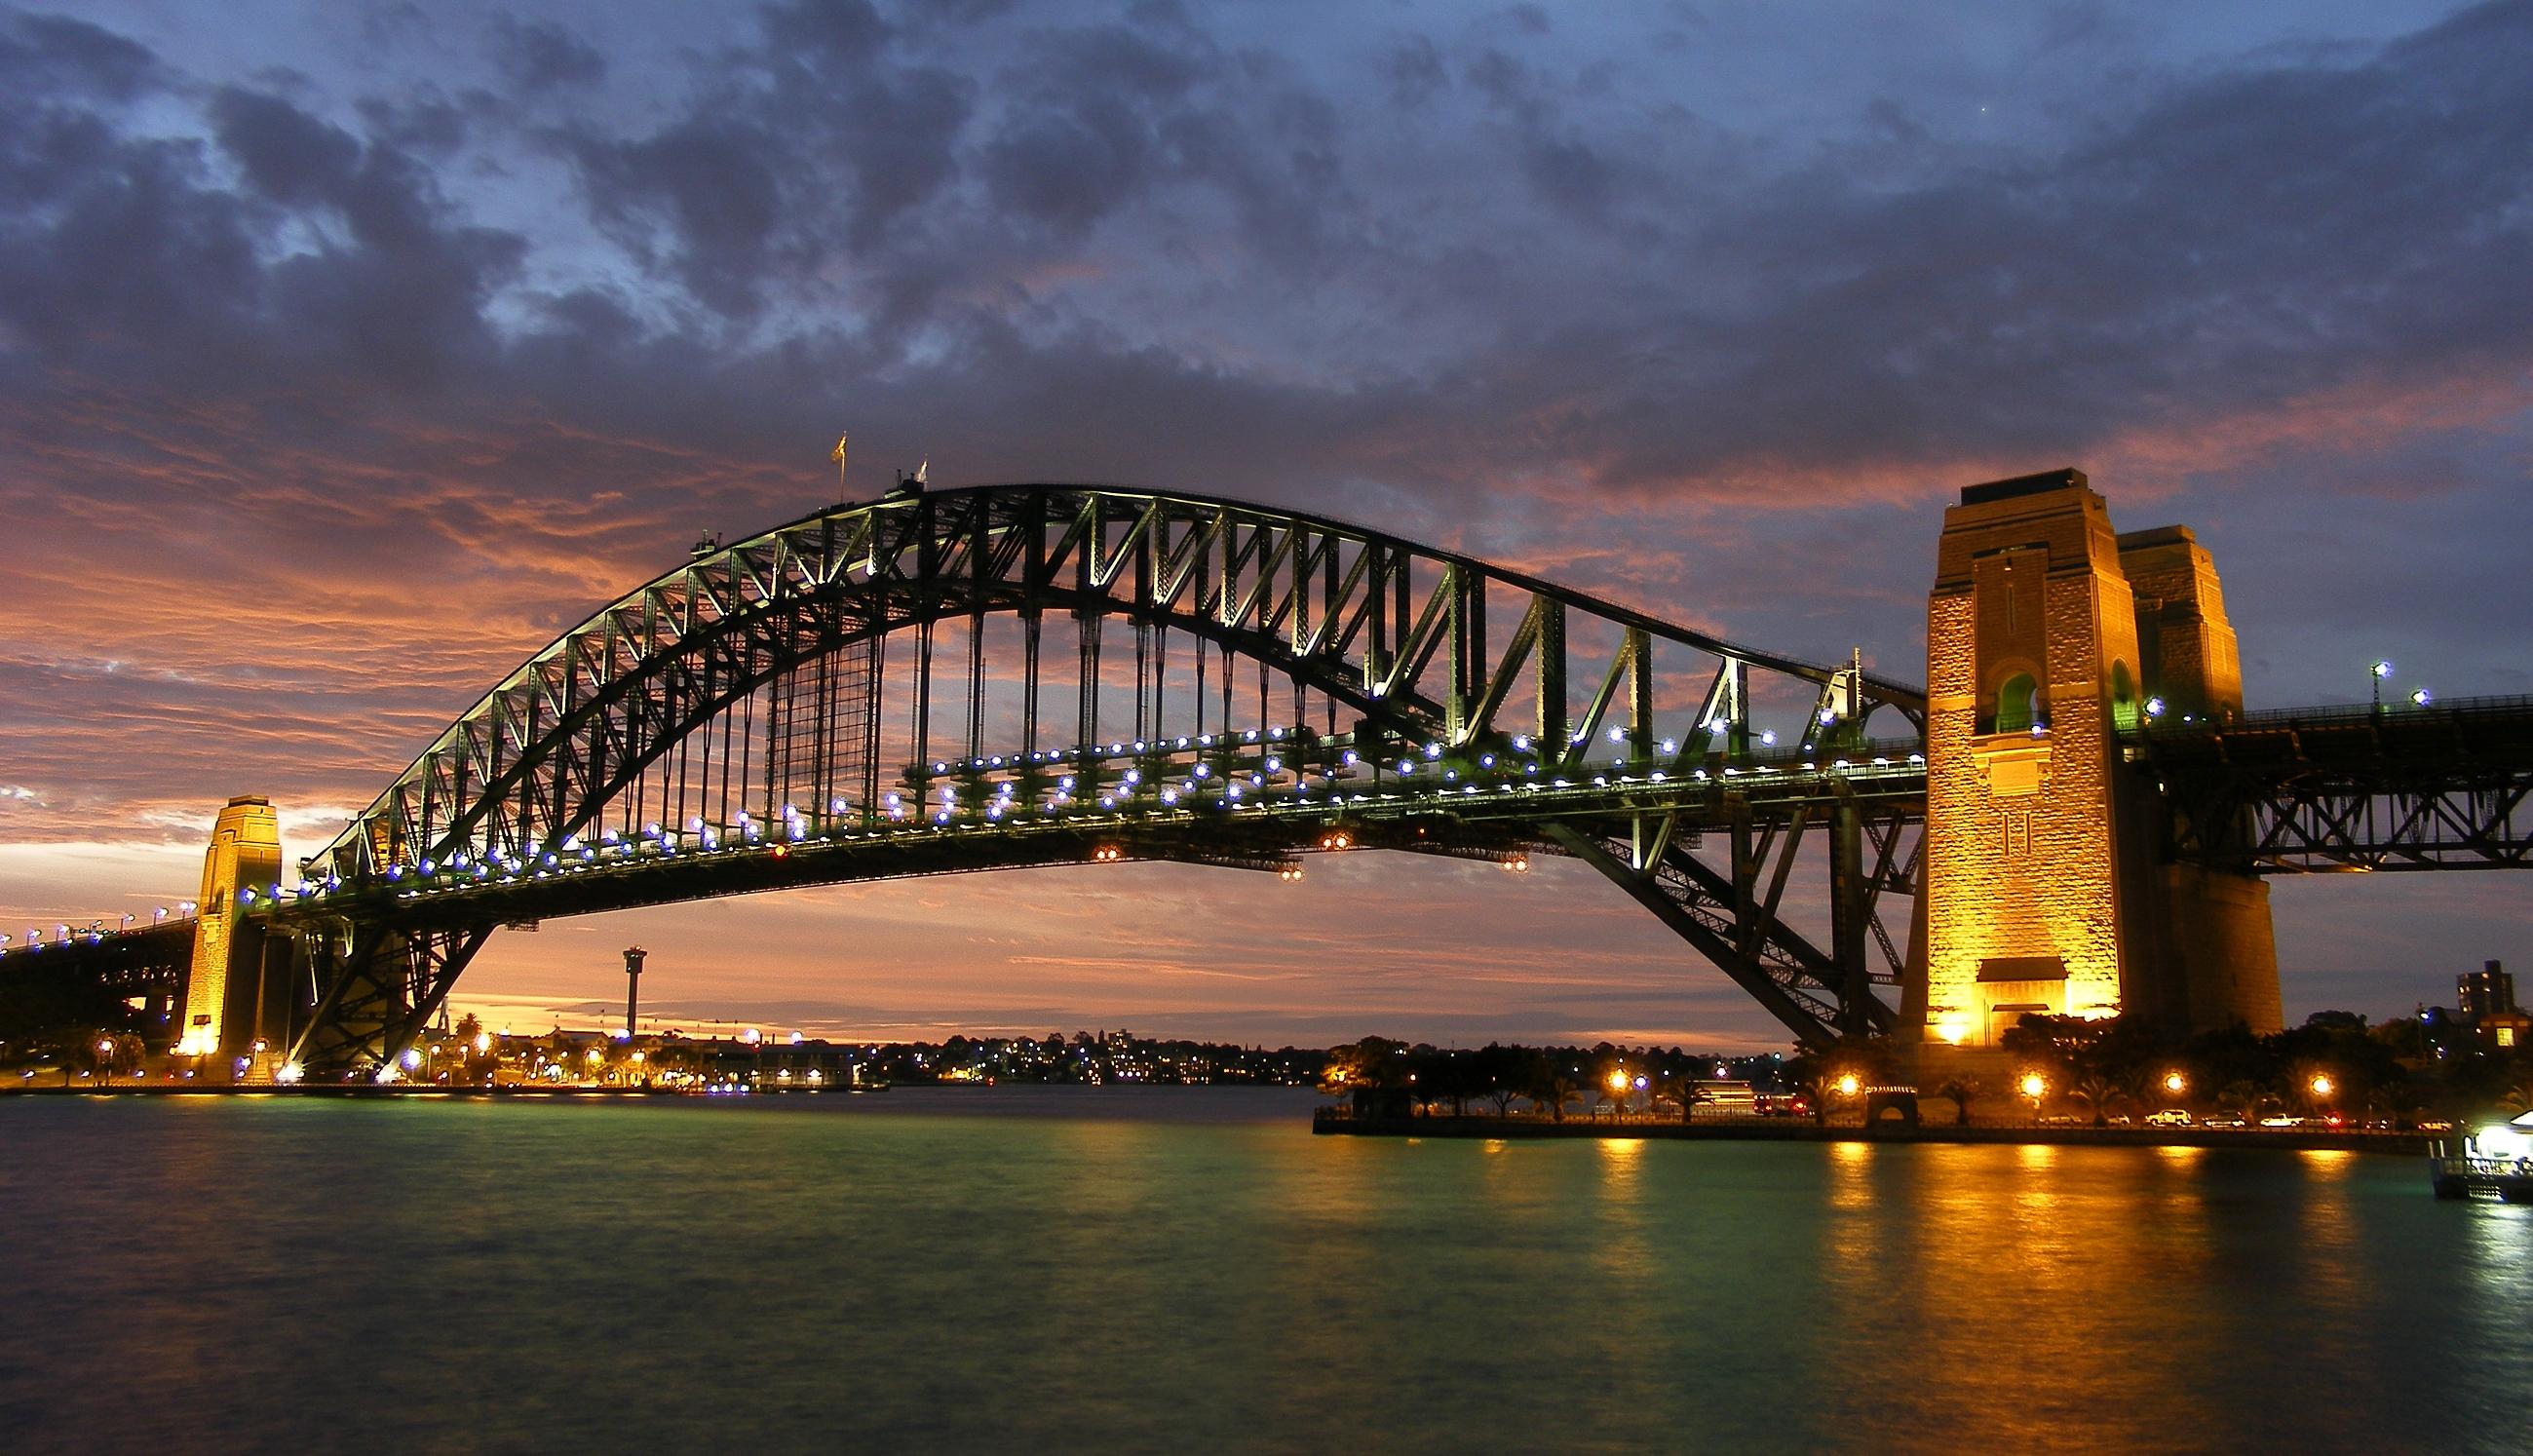 HQ Sydney Harbour Bridge Wallpapers | File 2907.44Kb